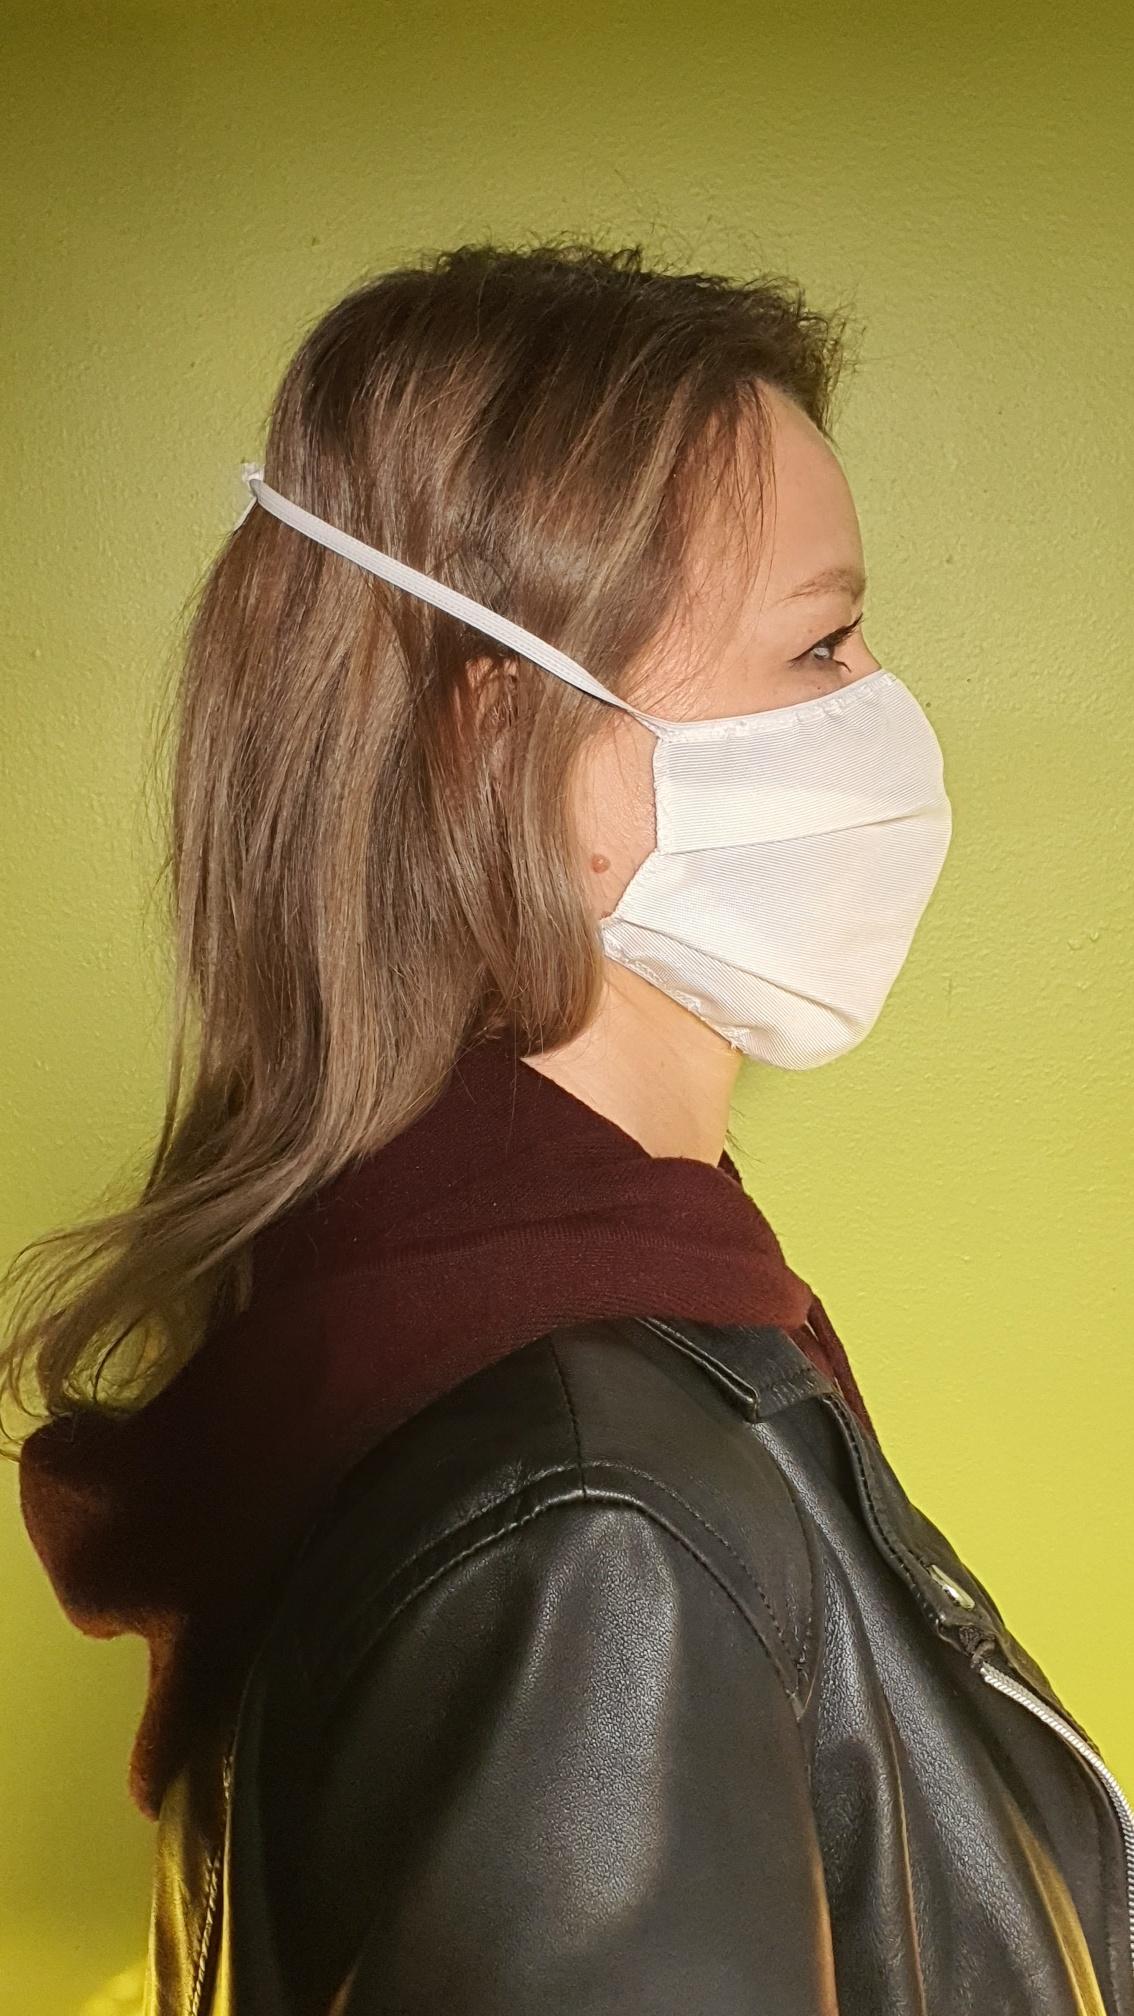 MAS2020-0, VARI, sicurezza personale e protezione, Scatola 10 mascherine settimanali caratteristiche ffp2, Tutte le aziende coinvolte in questa filiera produttiva sono lombarde; vantano un know-how di oltre 30 anni nella produzione di filati e tessuti tecnici utilizzati nel settore di filtrazione alimentare, medicale e farmaceutico.  la mascherina è:  -traspirabile -idrorepellente fluoro free  quindi totalmente atossica,  -pertanto le nostre mascherine legalmente sono adatte per uso comunità -       riutilizzabili più volte (6/7) procedura nella scheda articolo,   confezione da 10 mascherine caratteristiche ffp2   articolo in esenzione iva art.10 dpr 633/72